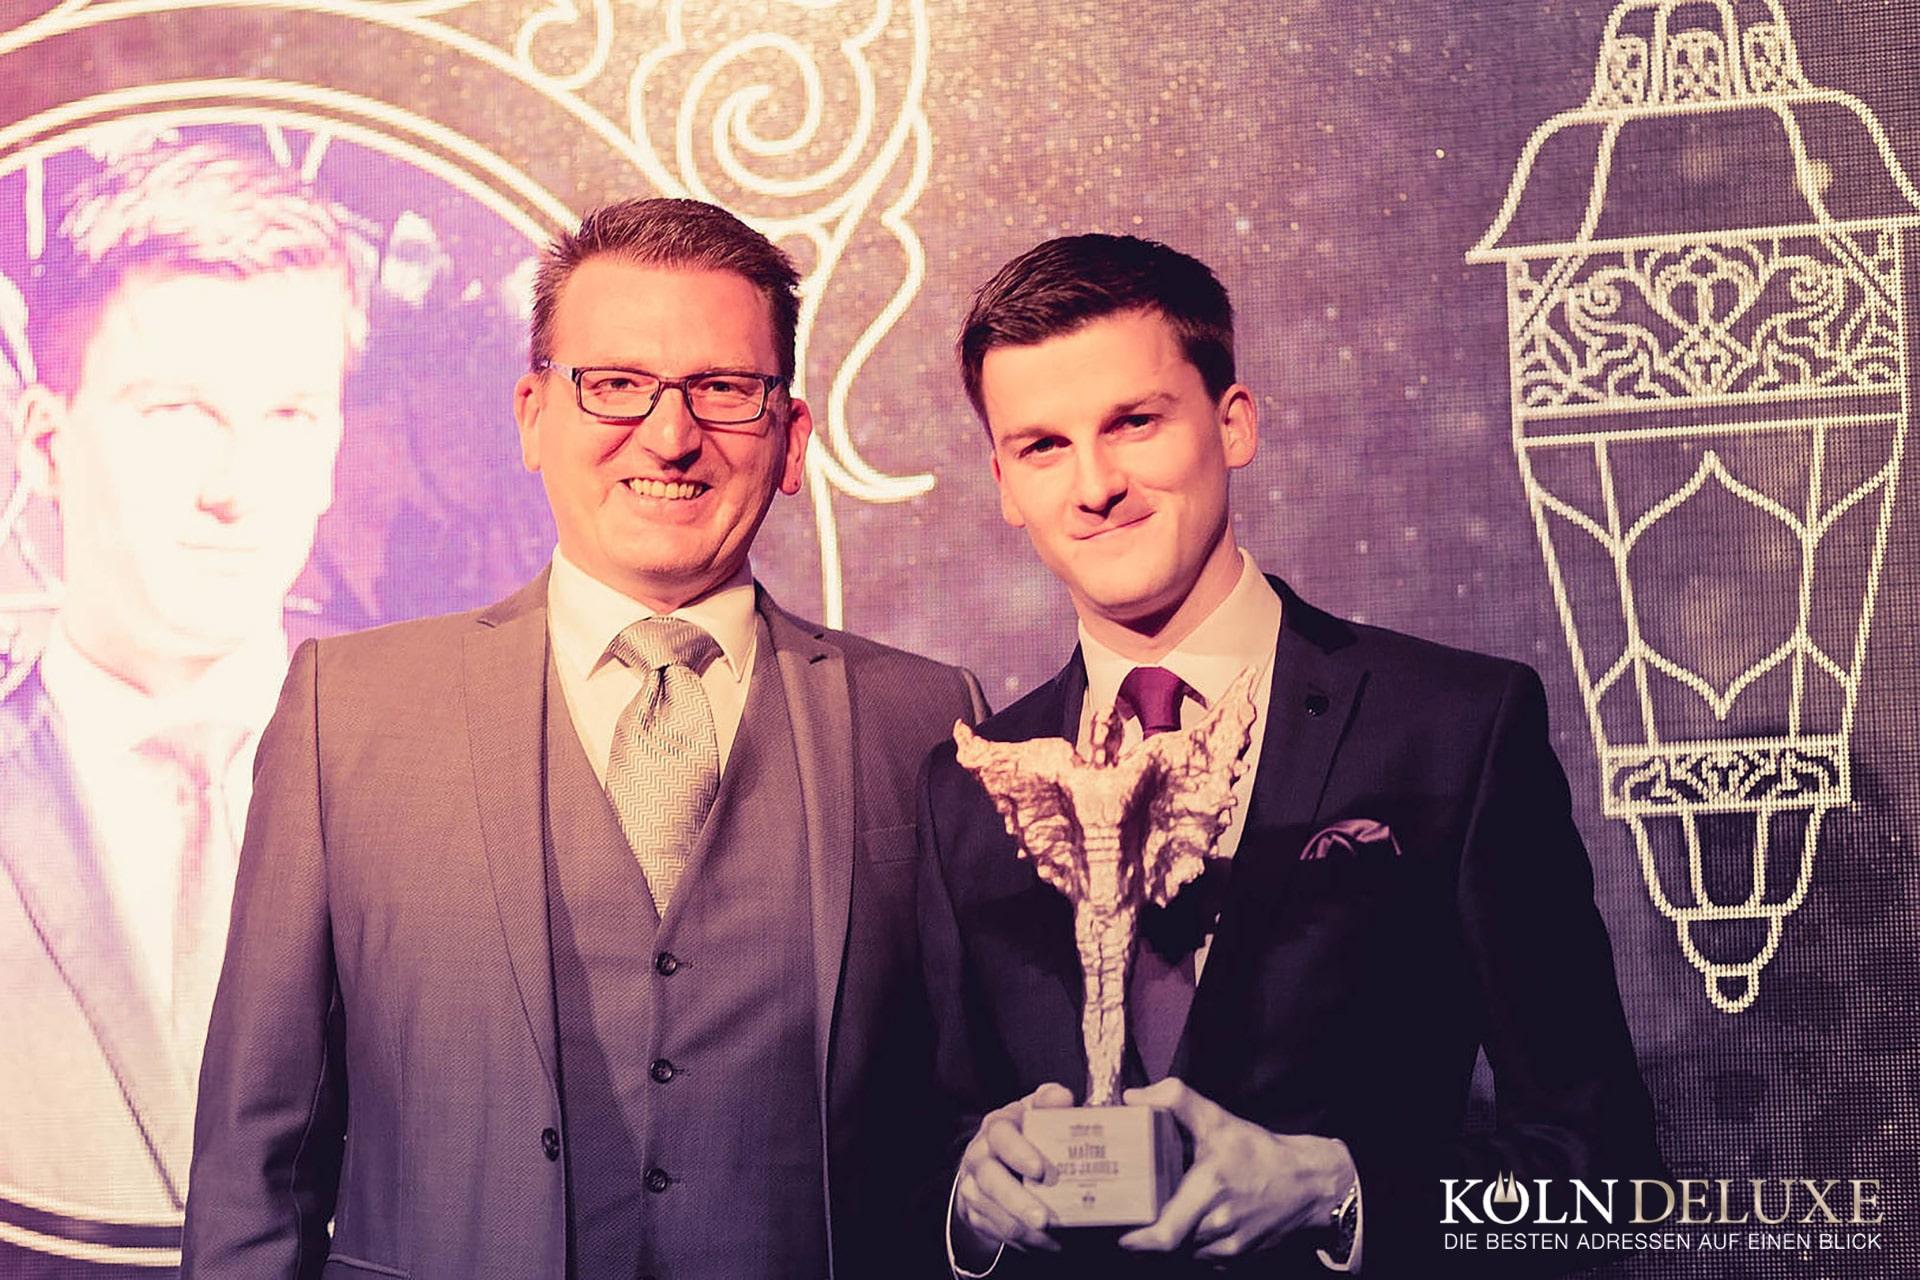 Markus Klaas aus dem Restaurant Vendôme als Maître des Jahres geehrt